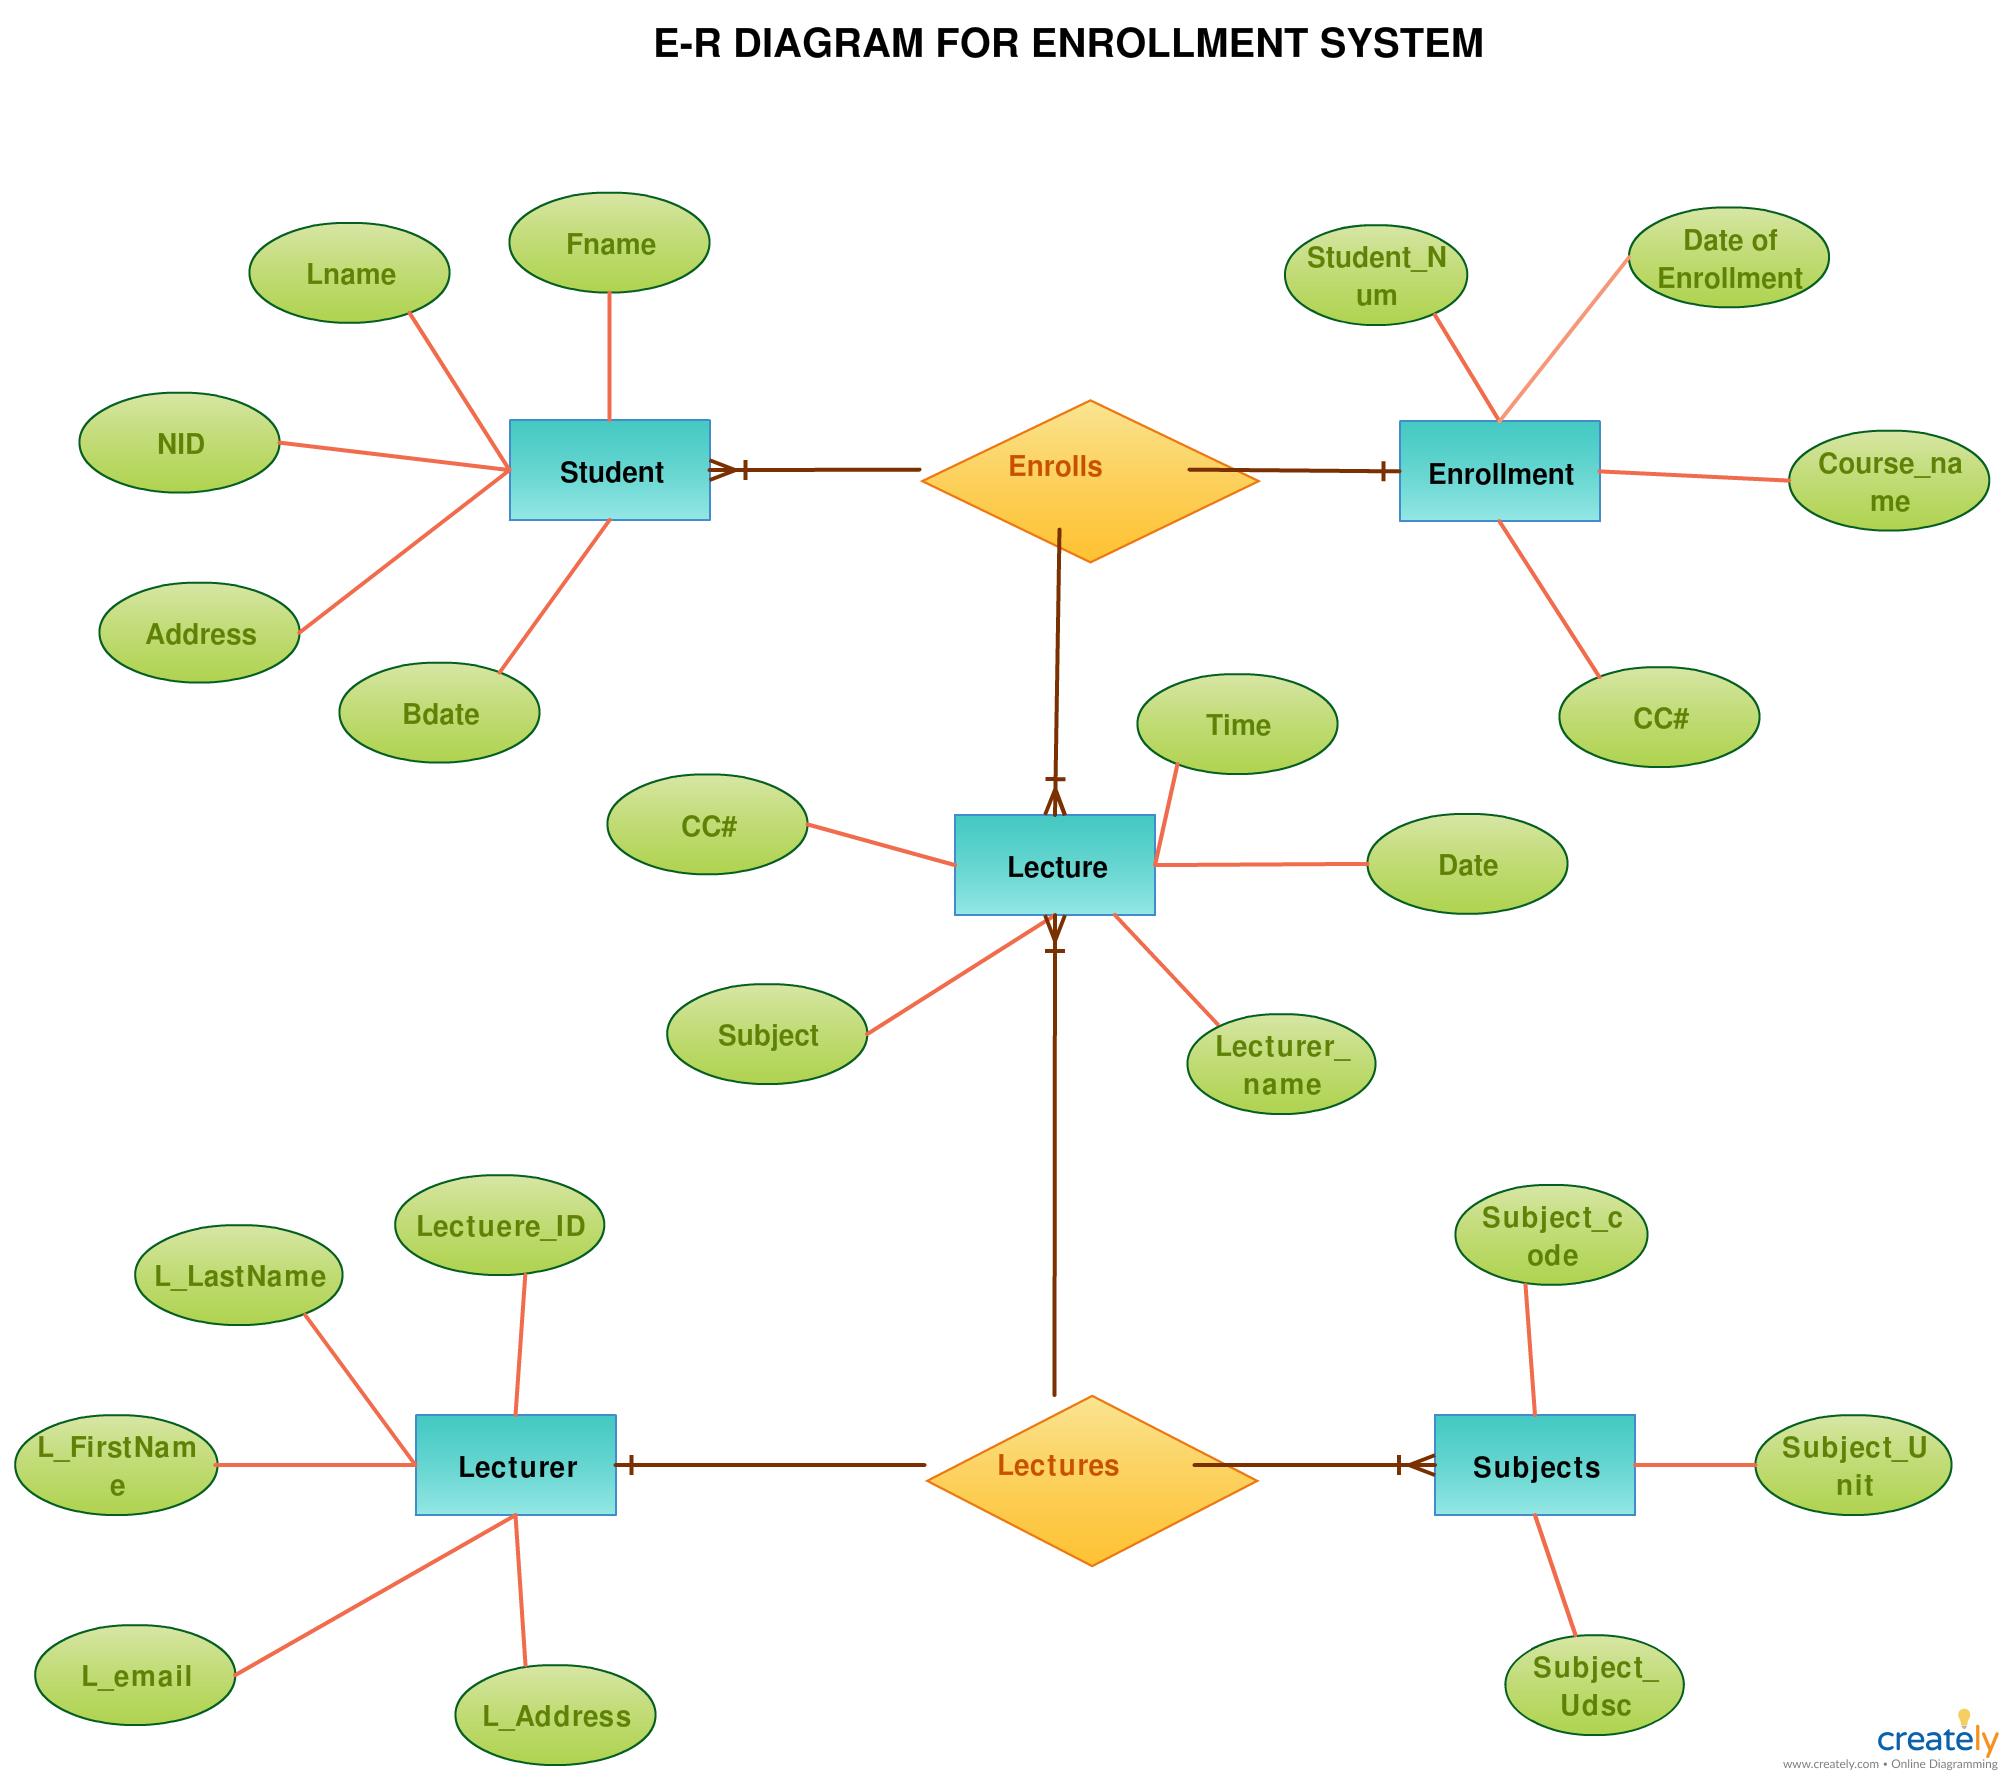 Er Diagram Tutorial | Relationship Diagram, Tutorial, Diagram with regard to Entity Relationship Diagram Notation